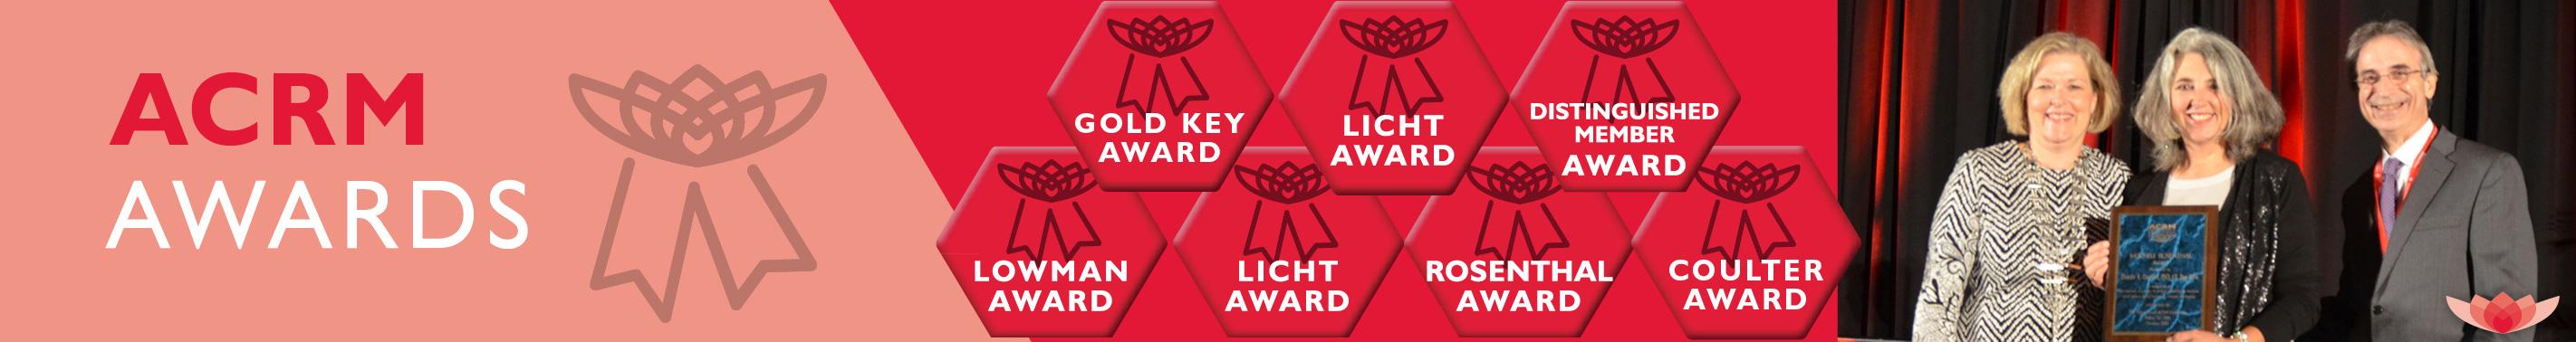 ACRM Awards